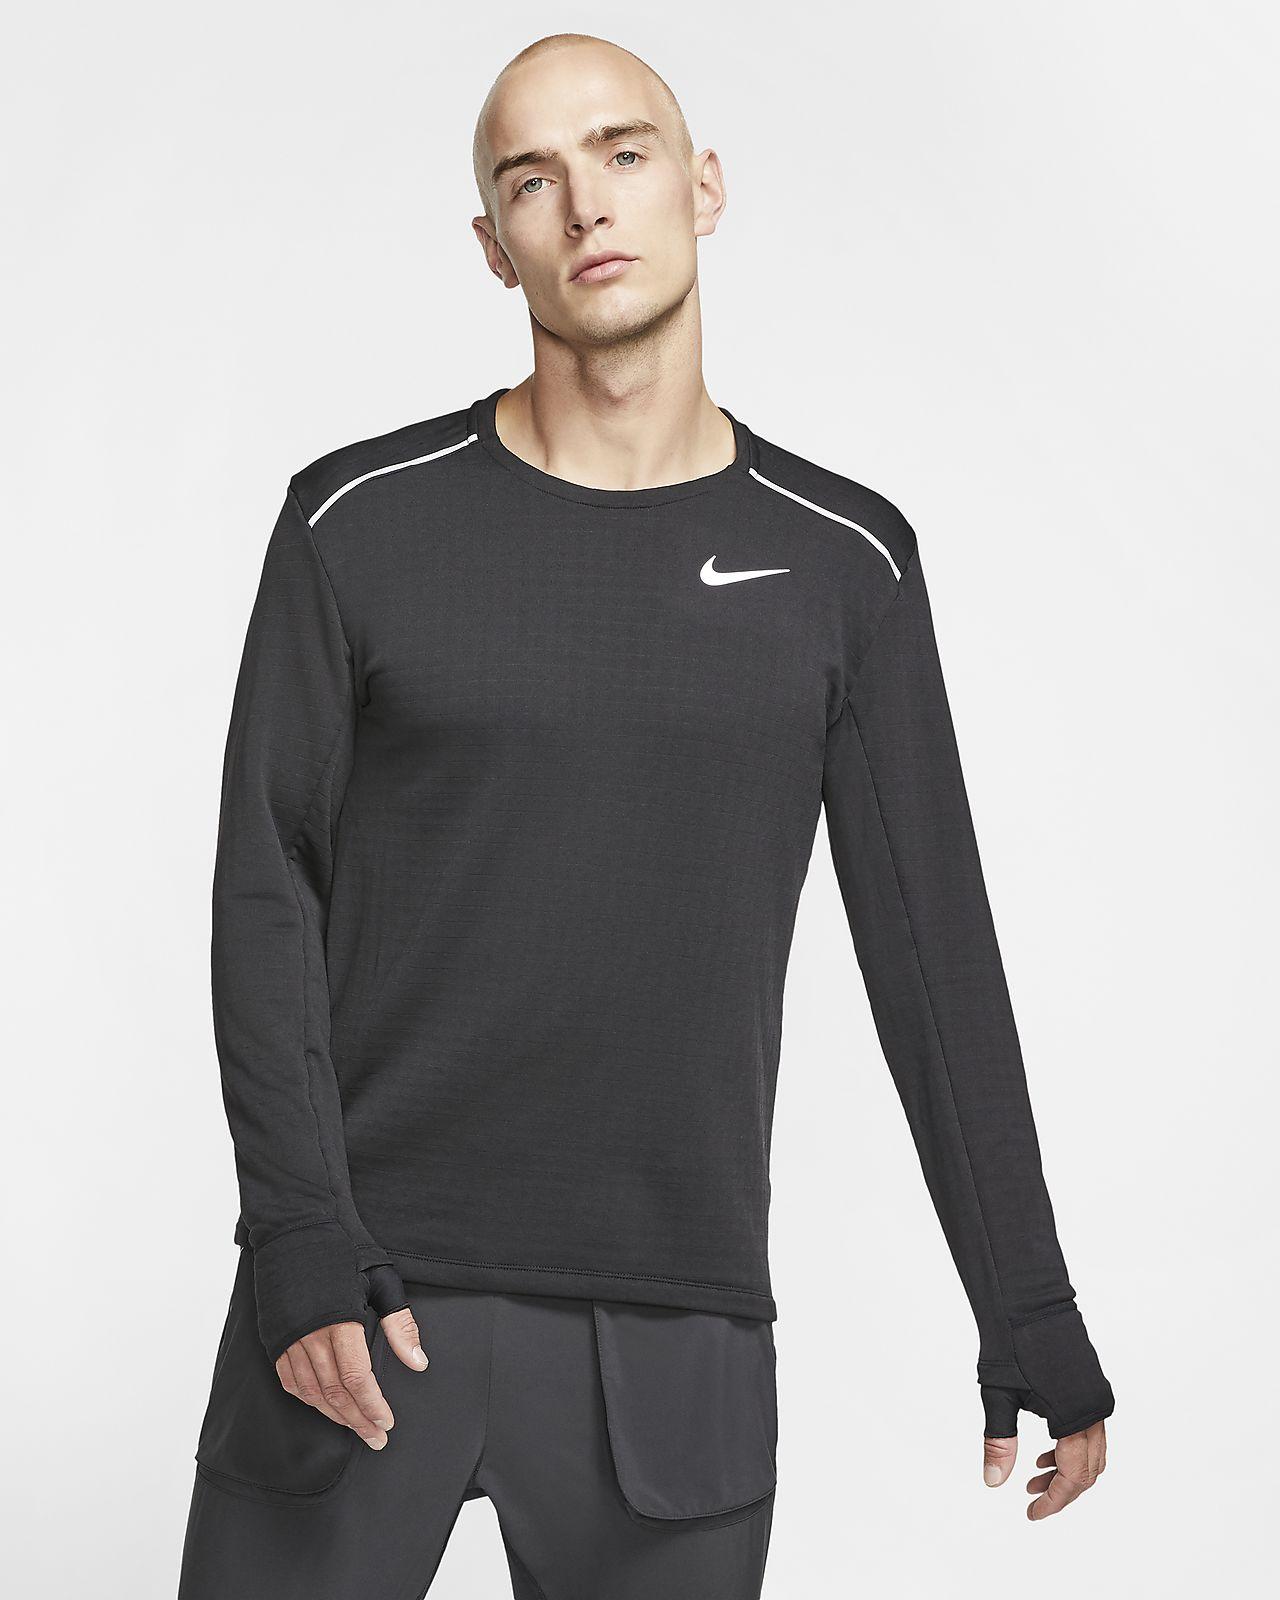 Ανδρική μακρυμάνικη μπλούζα για τρέξιμο Nike Therma Sphere Element 3.0